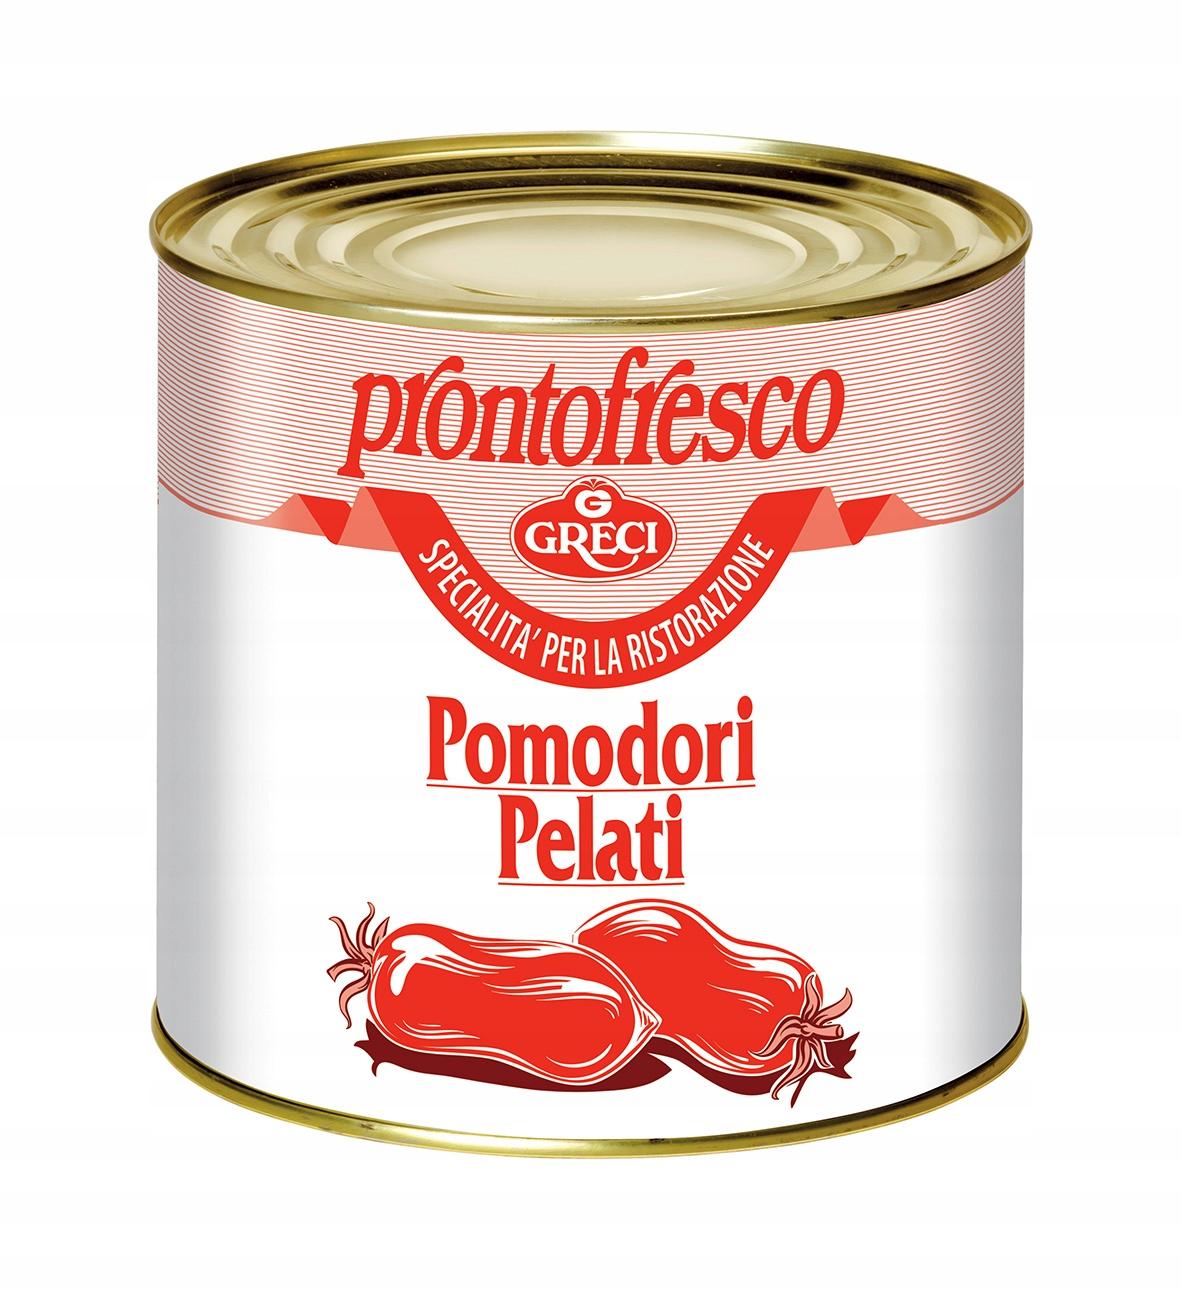 Помидоры pelati PRONTOFRESCO 2 ,5 кг 4972